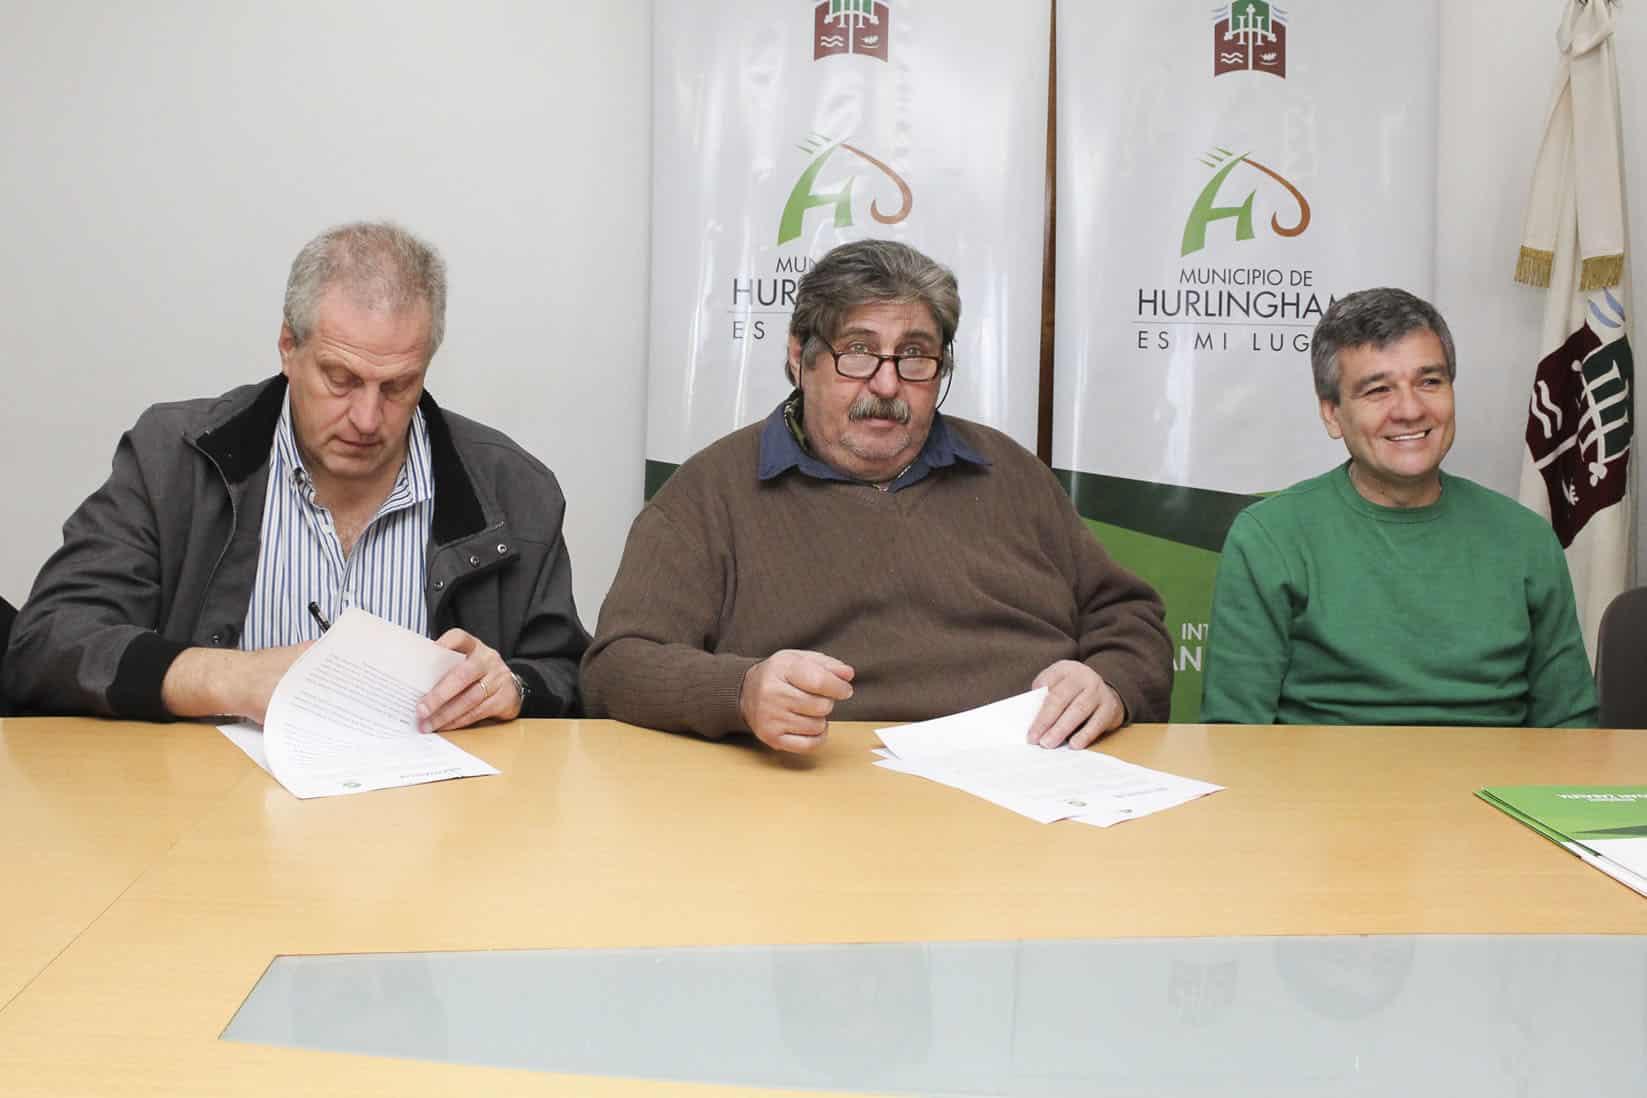 Zabaleta y Perczyk y Pignanelli firman un acuerdo para construir un centro de capacitación en Hurlingham